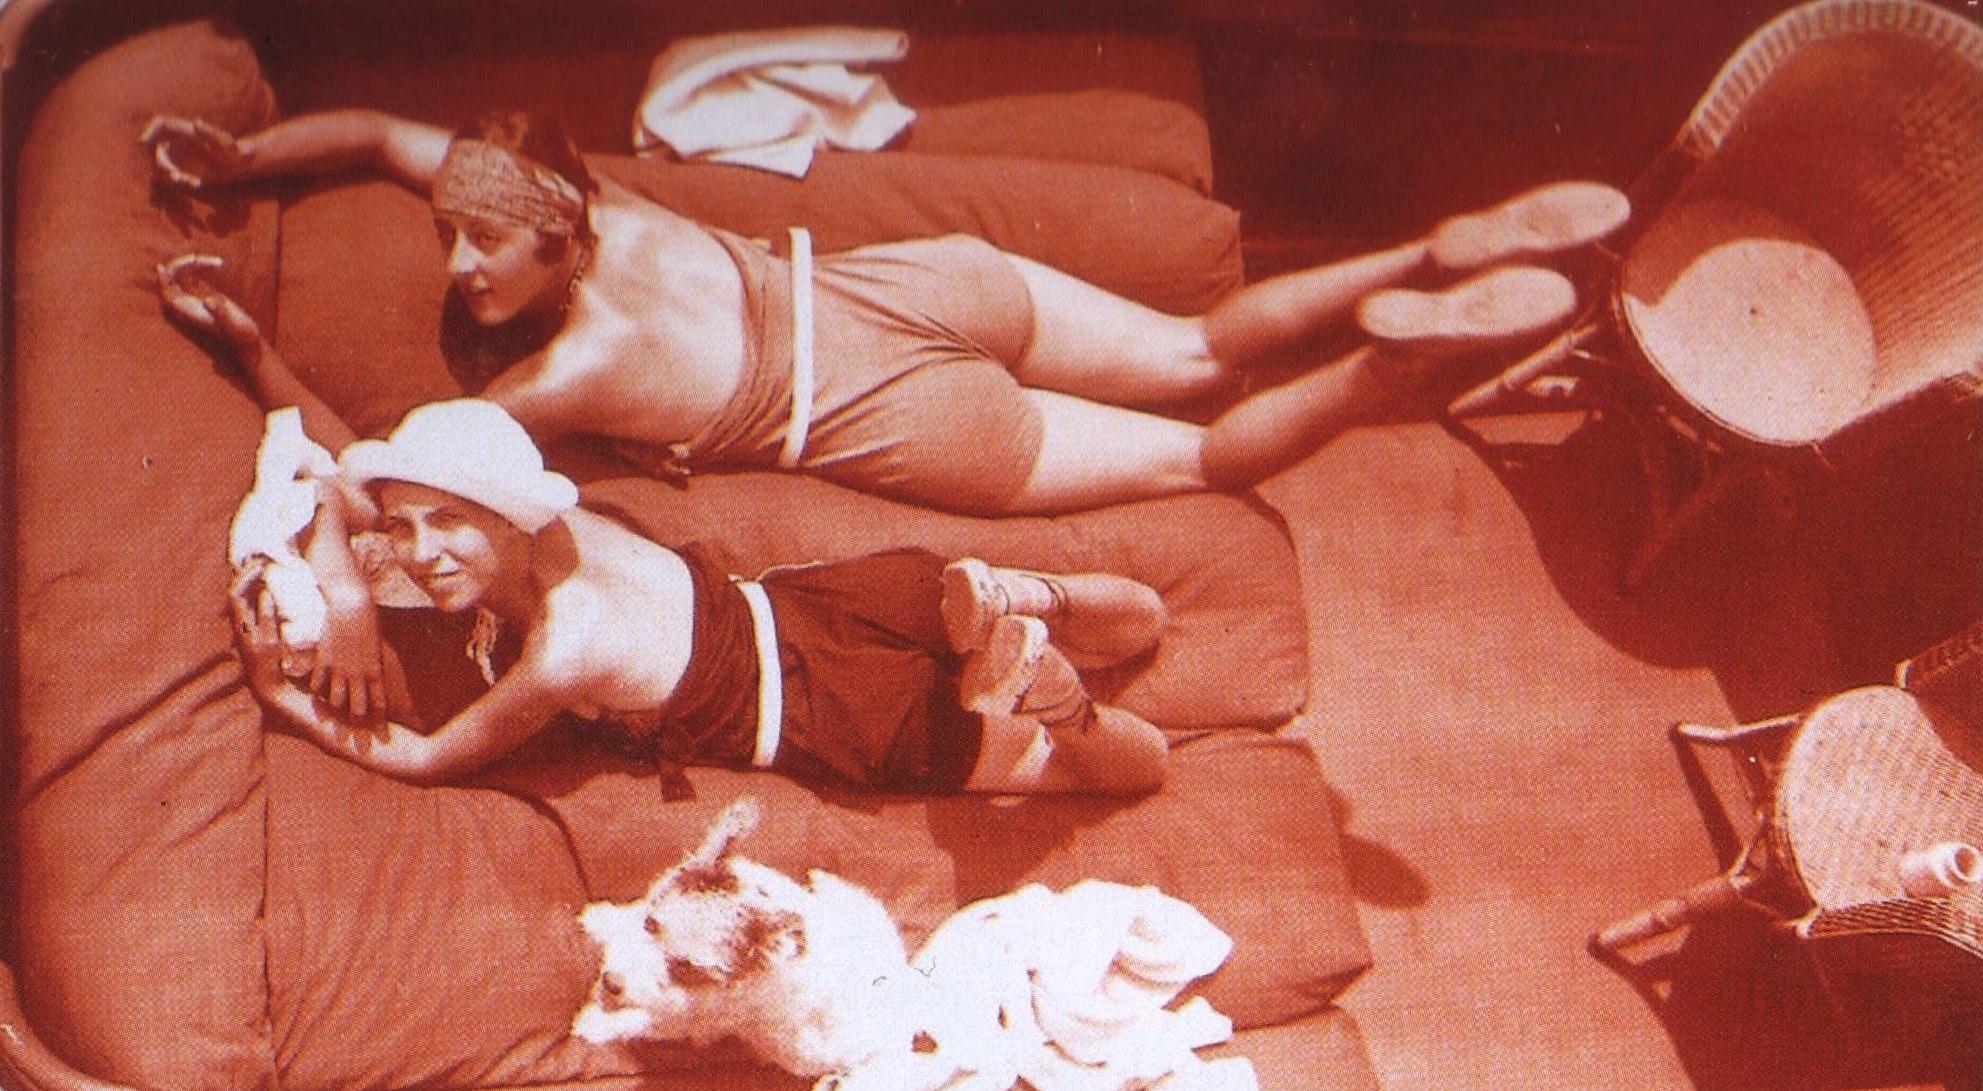 Jacques-Henri Lartigues. Vera, Arlette, Cannes 1927.  Scan de Lartigue, l'album d'une vie. ®Centre Pompidou, Editions du Seuil 2003